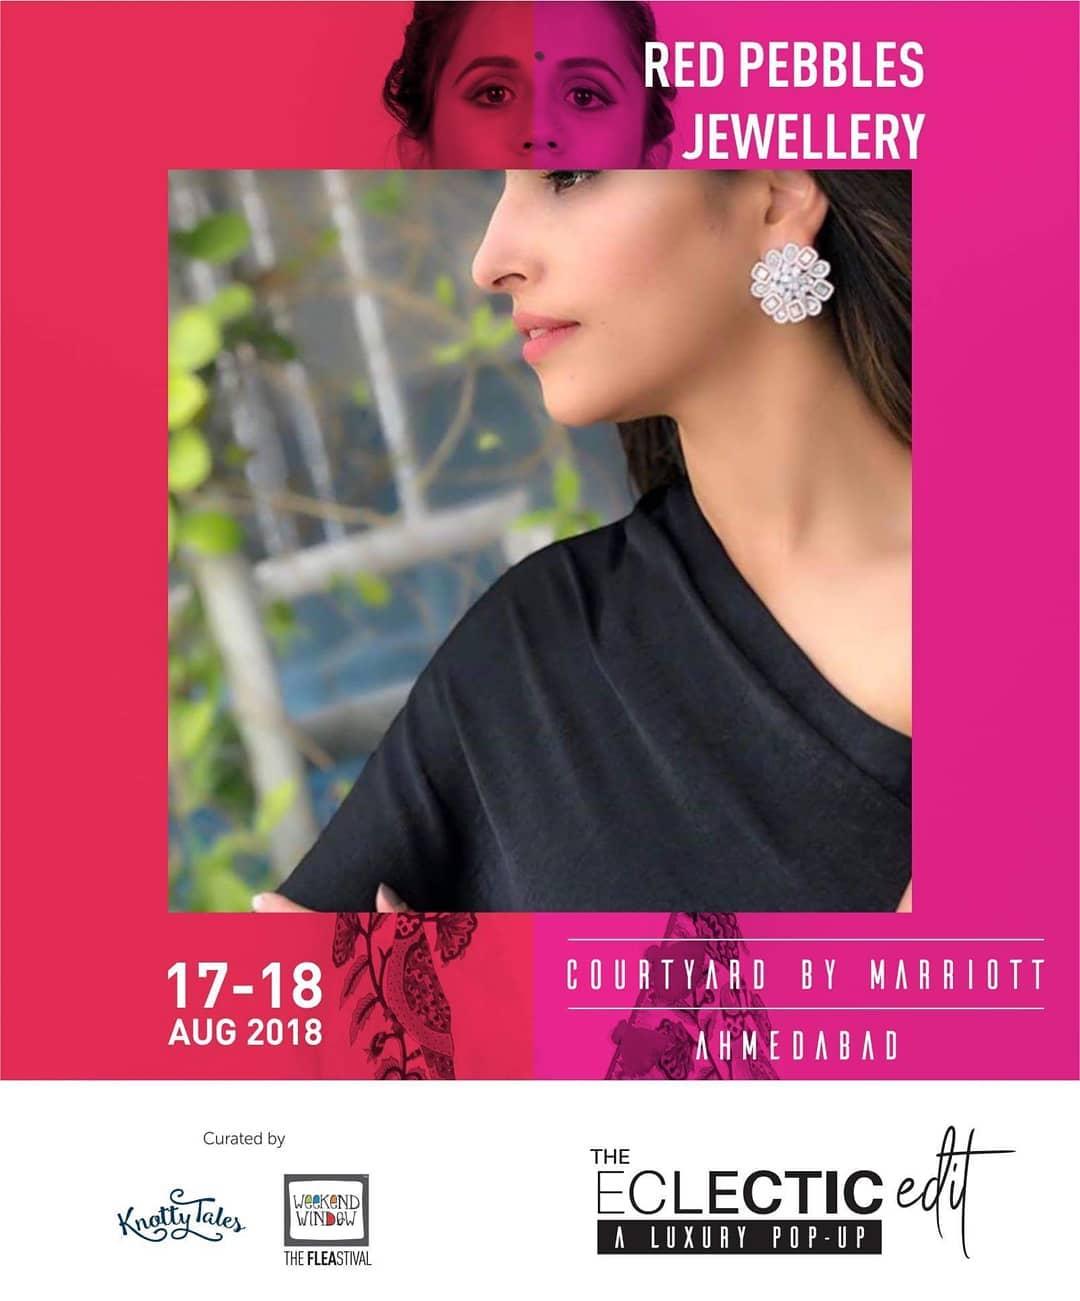 Weekend Window,  fashion, earings, peacockearrings, instajewelry, jewellerygram, weddingjewelry, indianwedding, like4like, instafashion, indianfashion, redpebblesjewellery